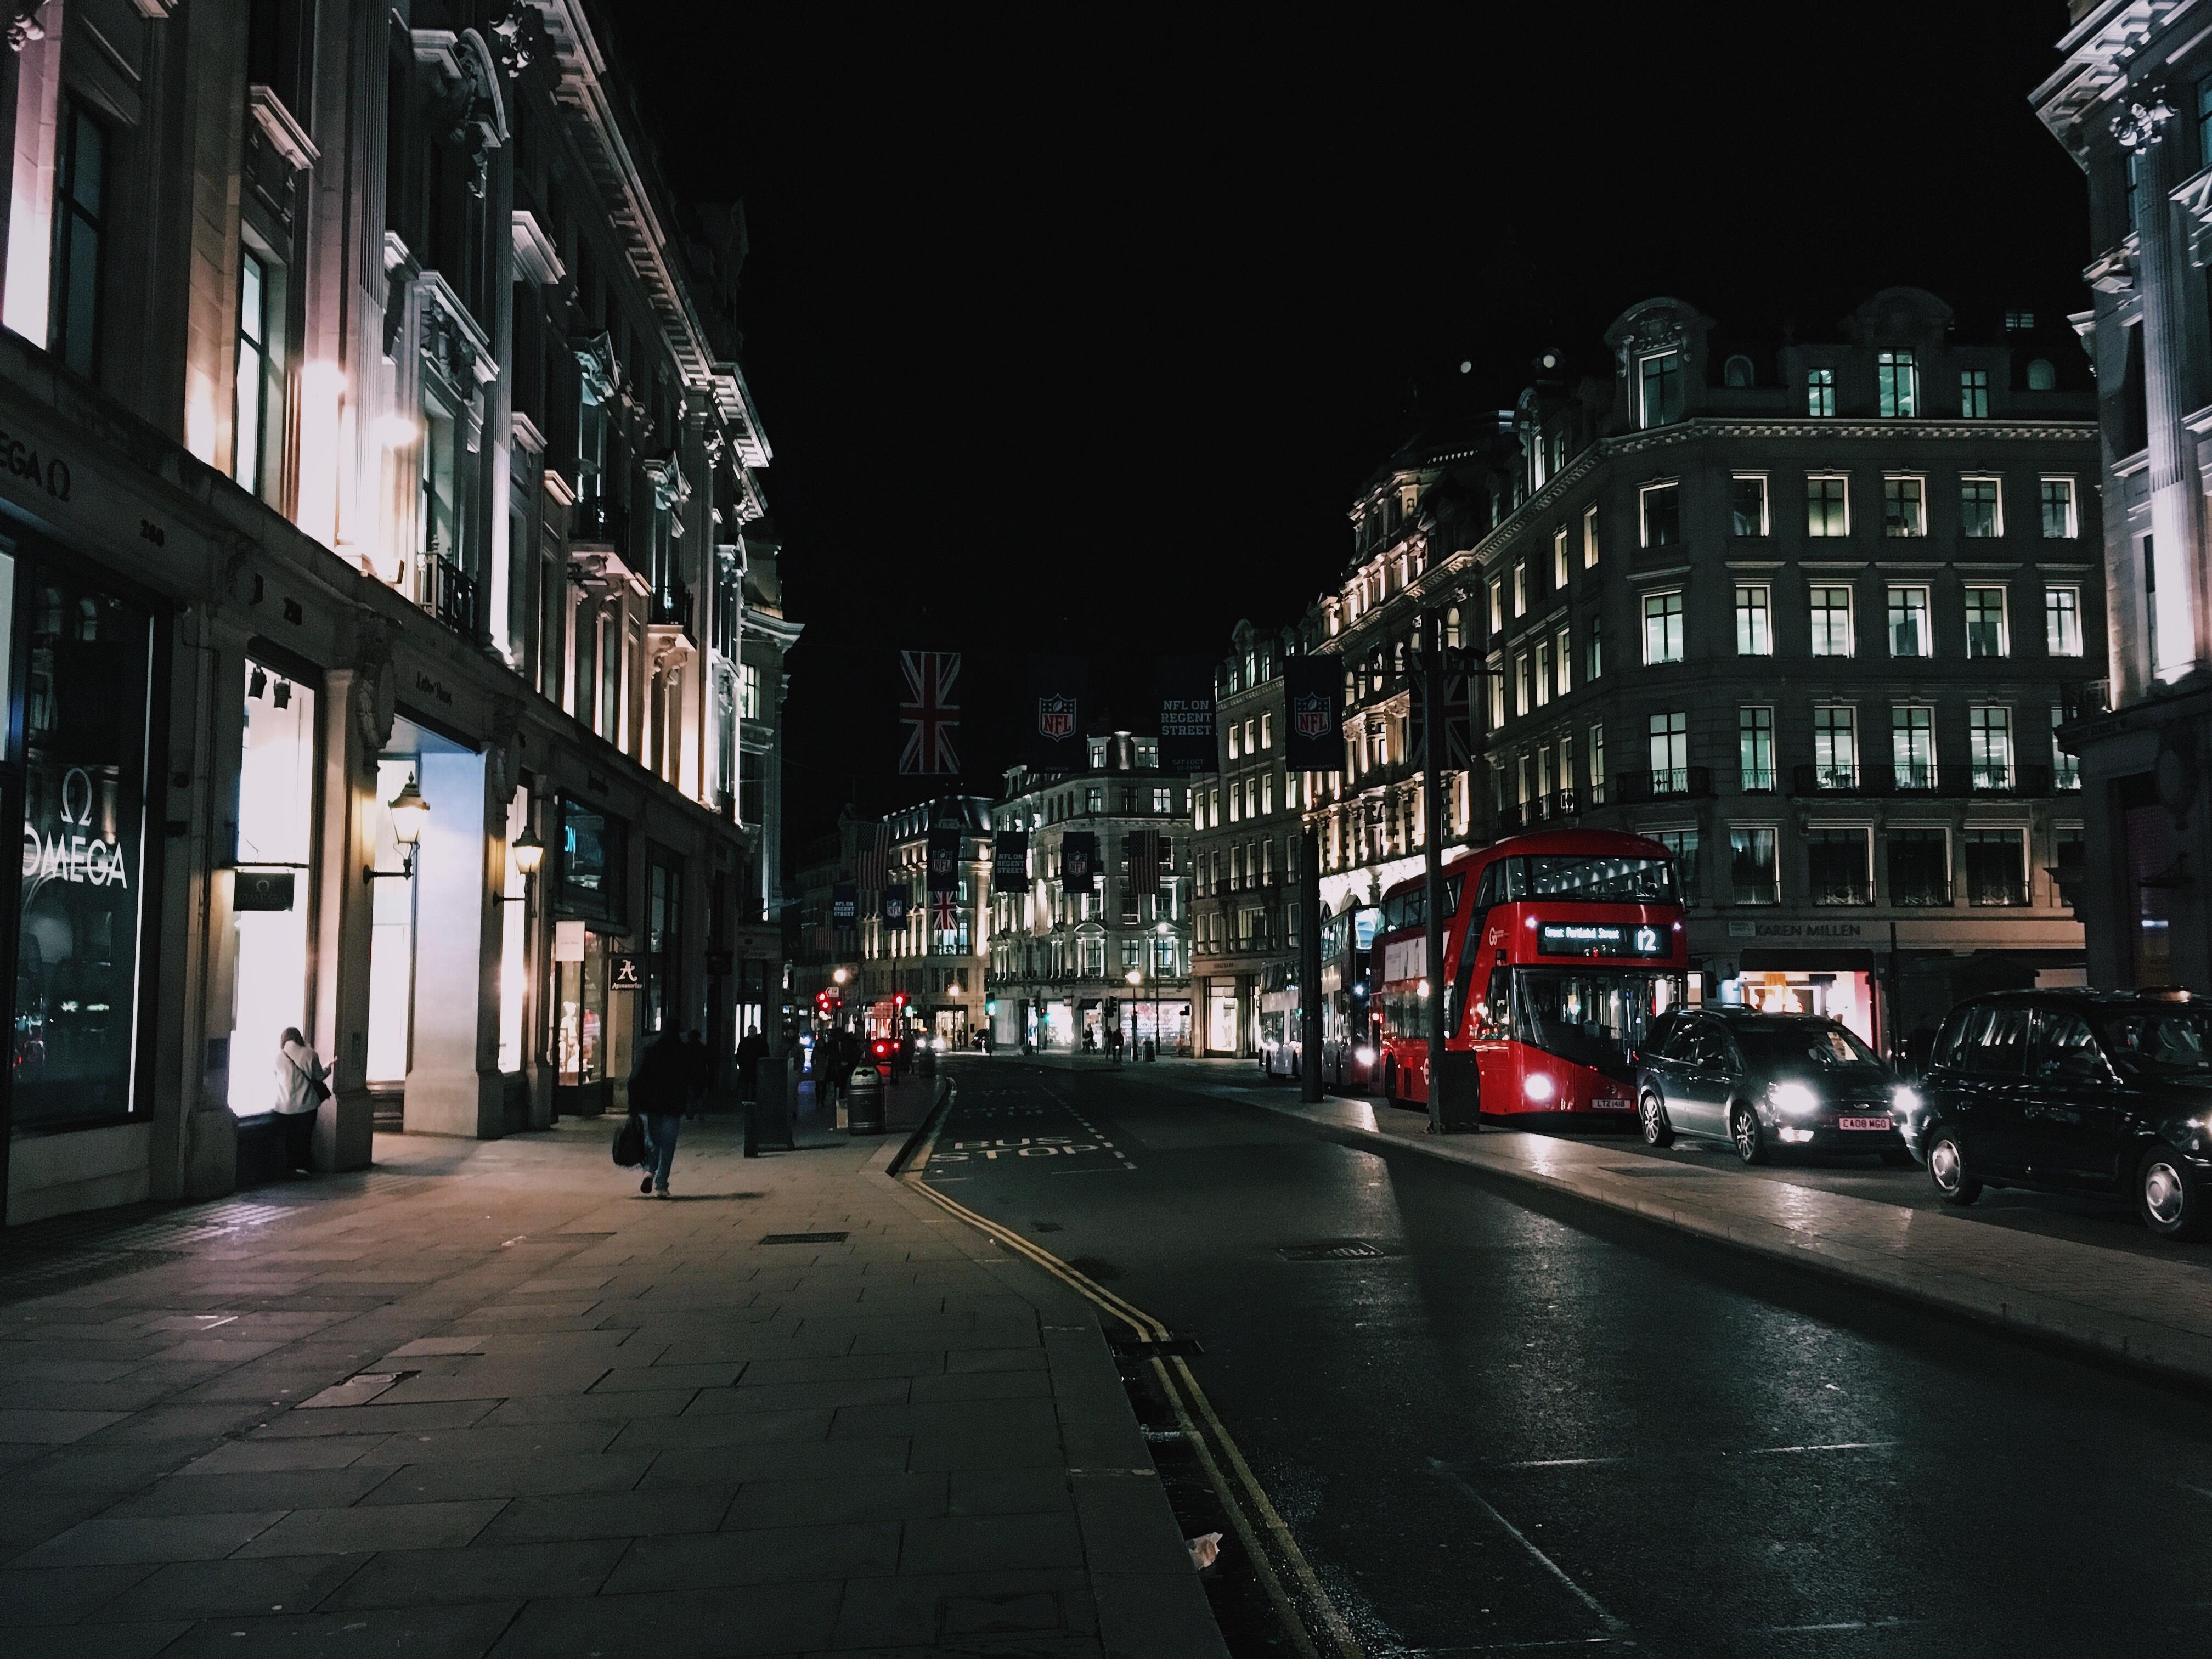 фотографии ночной улицы ладони огню, подержав